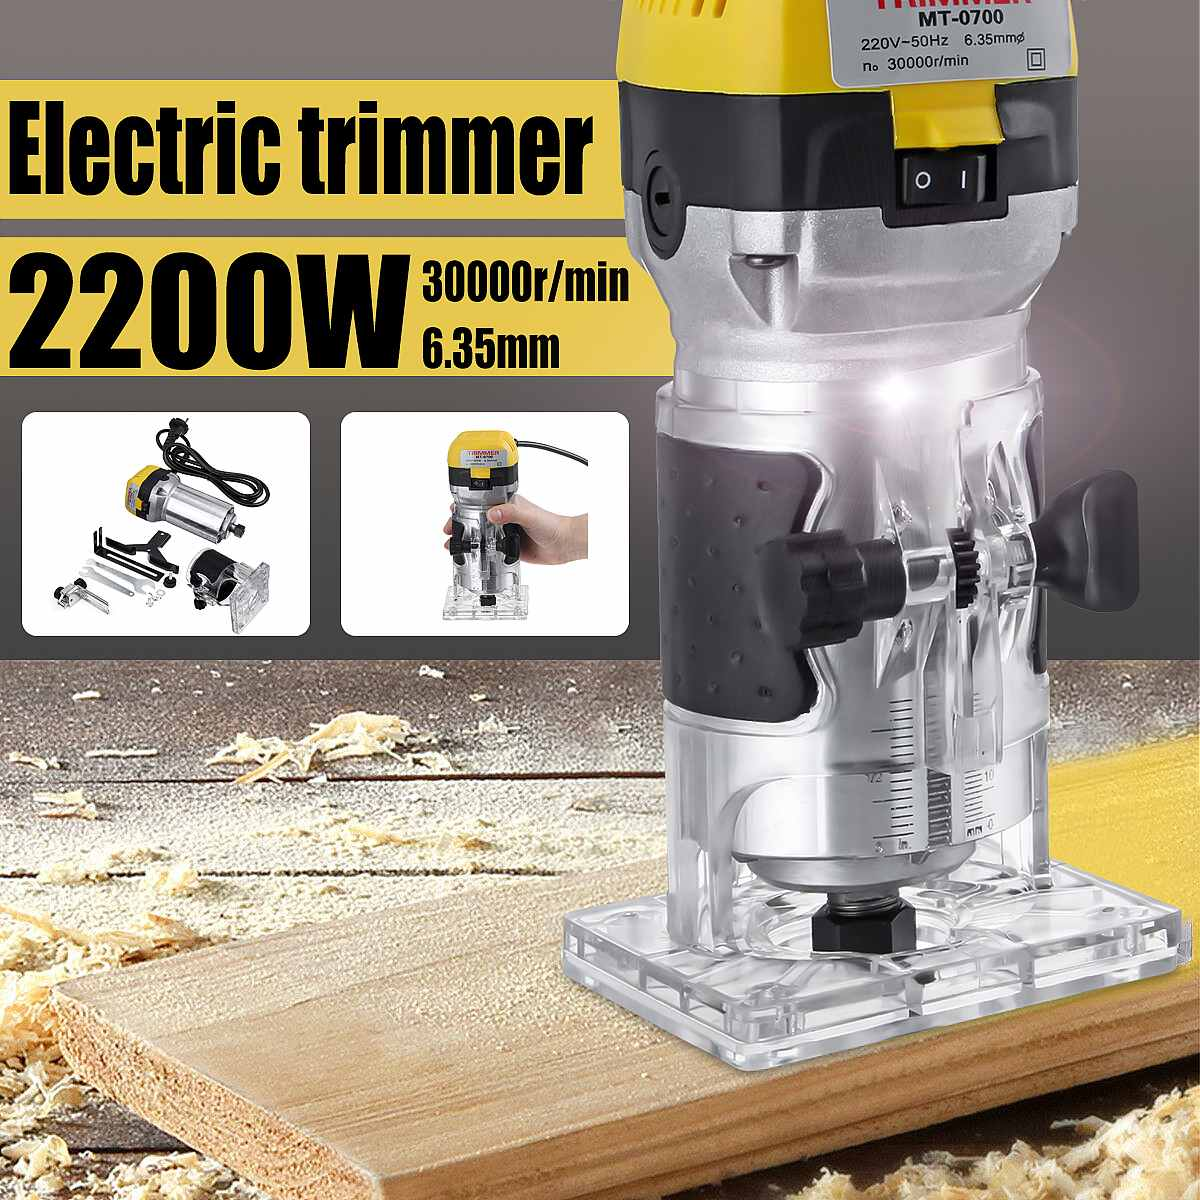 2200 W 220 V électrique main tondeuse bois routeur 6.35mm bois plastifieuse menuiserie coupe coupe sculpture Machine outil électrique